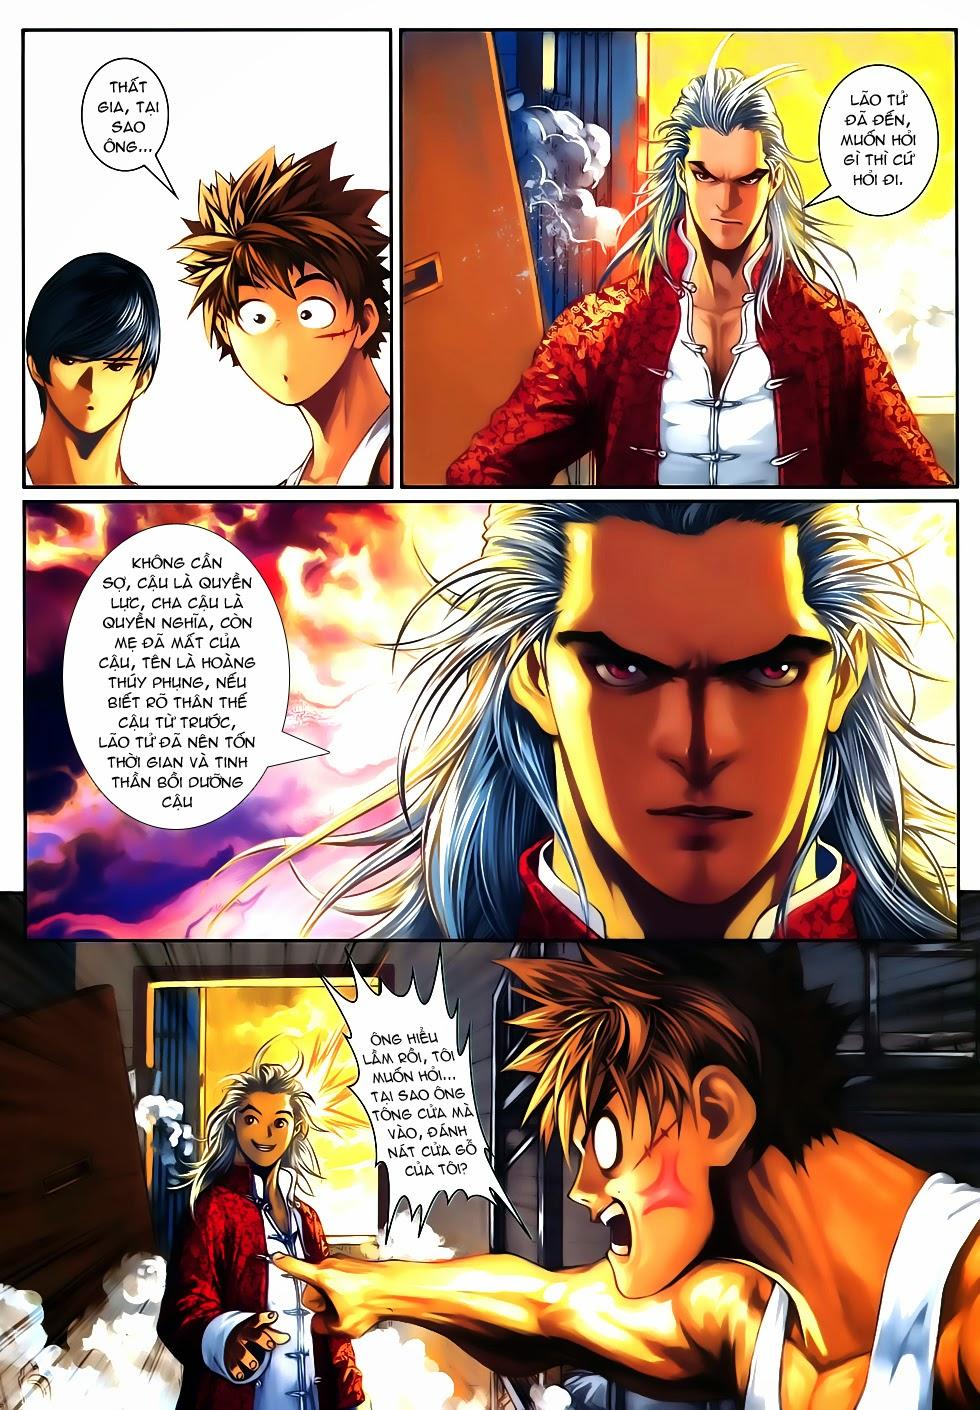 Quyền Đạo chapter 10 trang 22